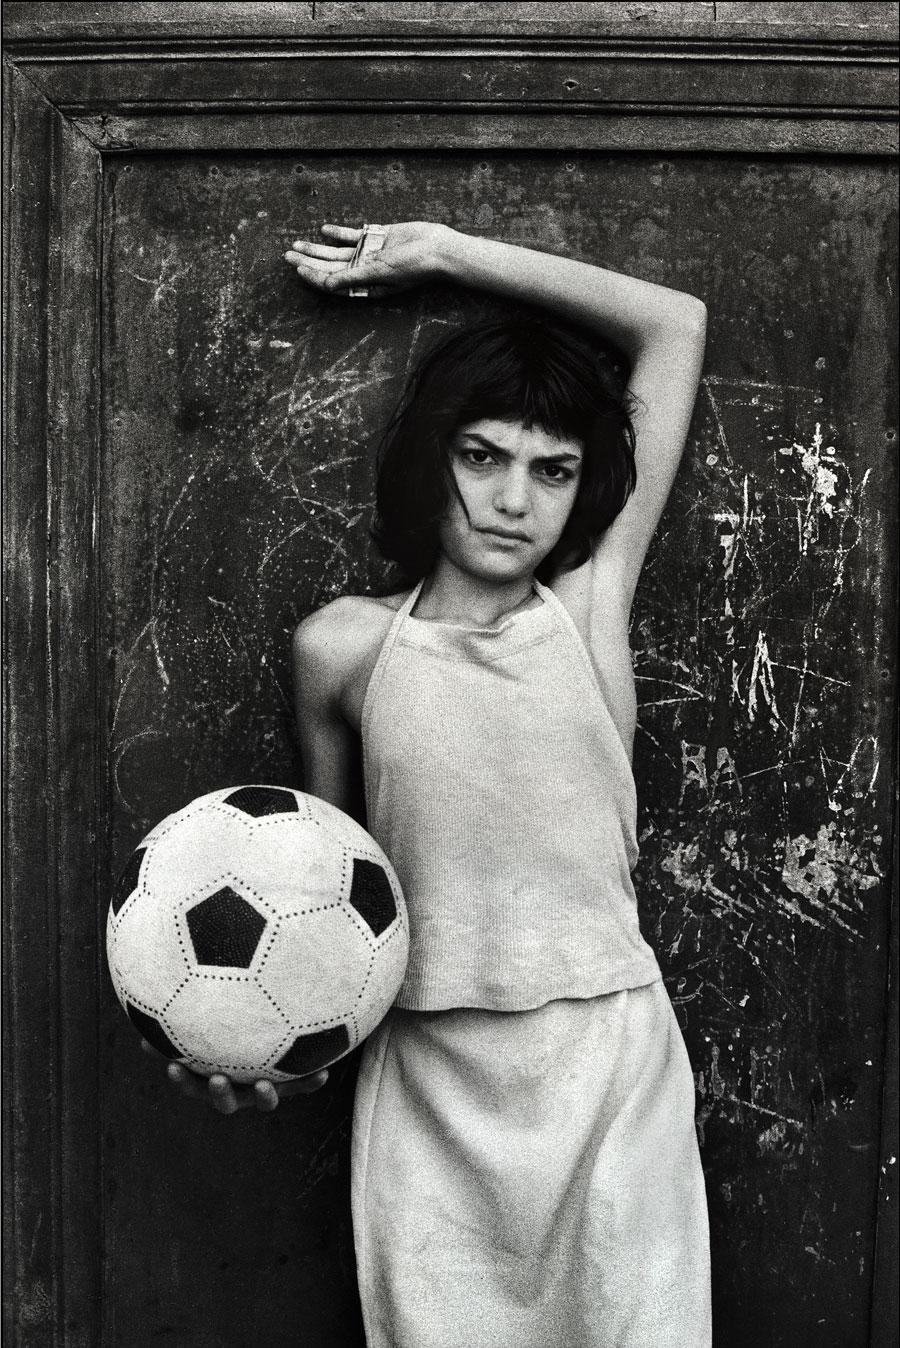 La bambina con il pallone, quartiere la Cala Palermo, 1980 - Courtesy Letizia Battaglia